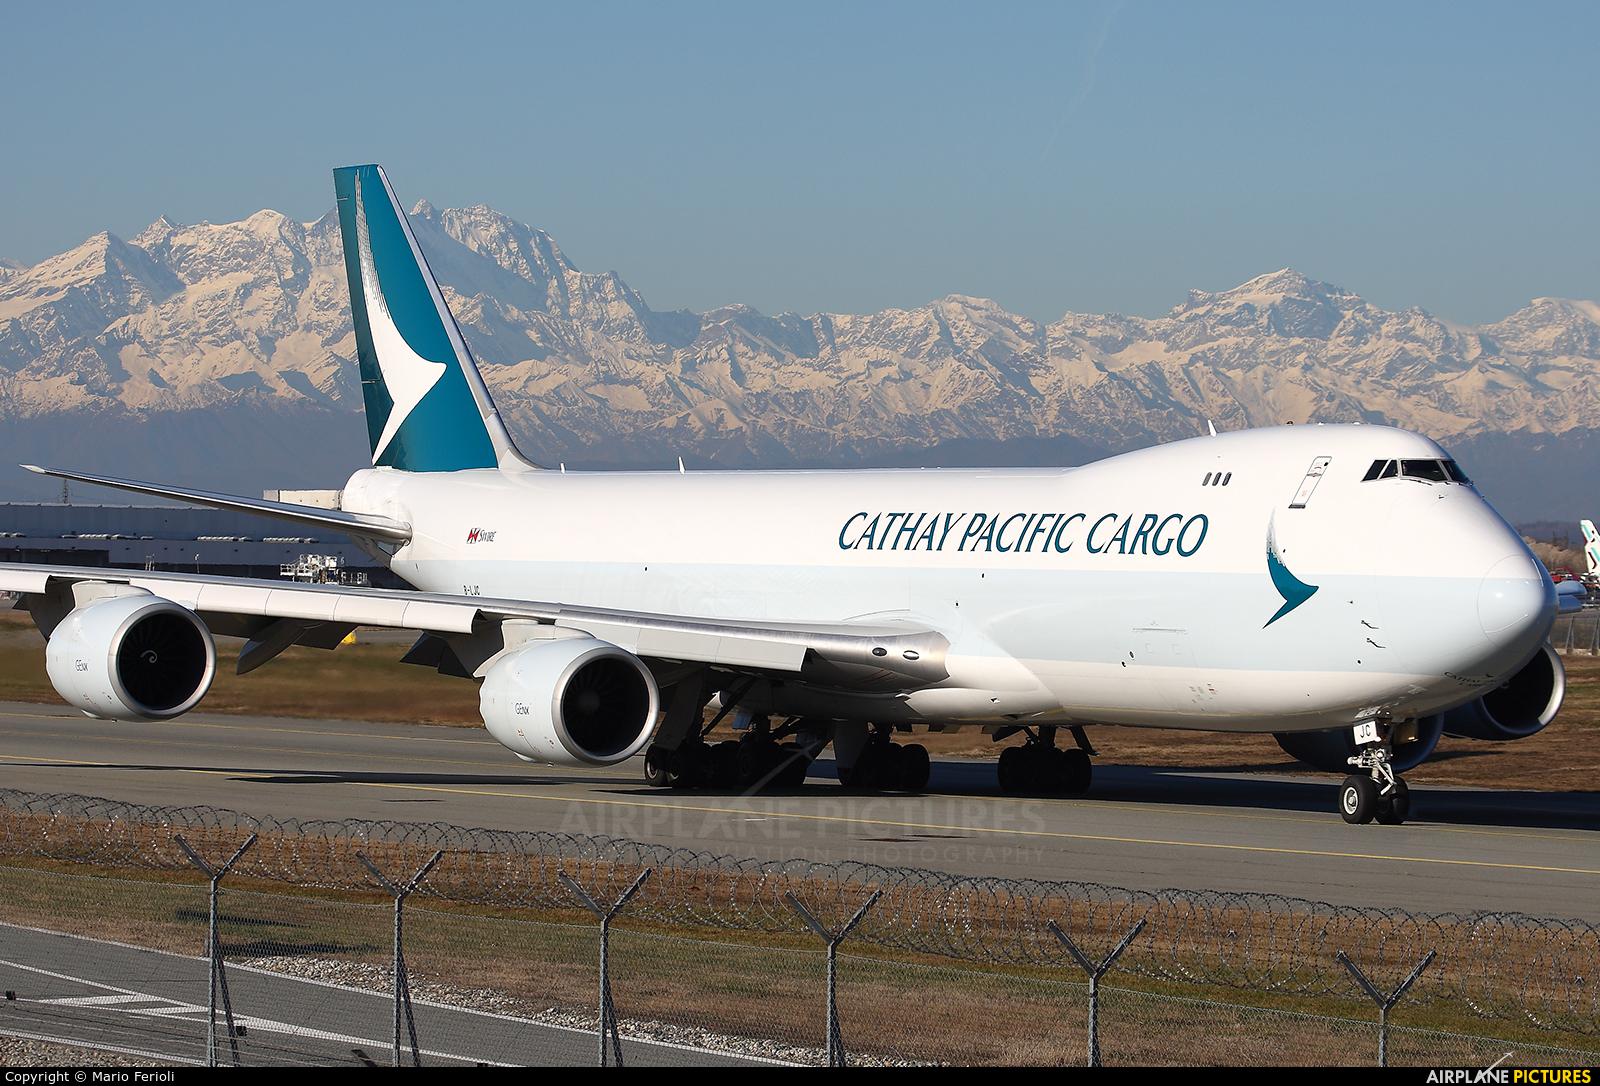 Cathay Pacific Cargo B-LJC aircraft at Milan - Malpensa